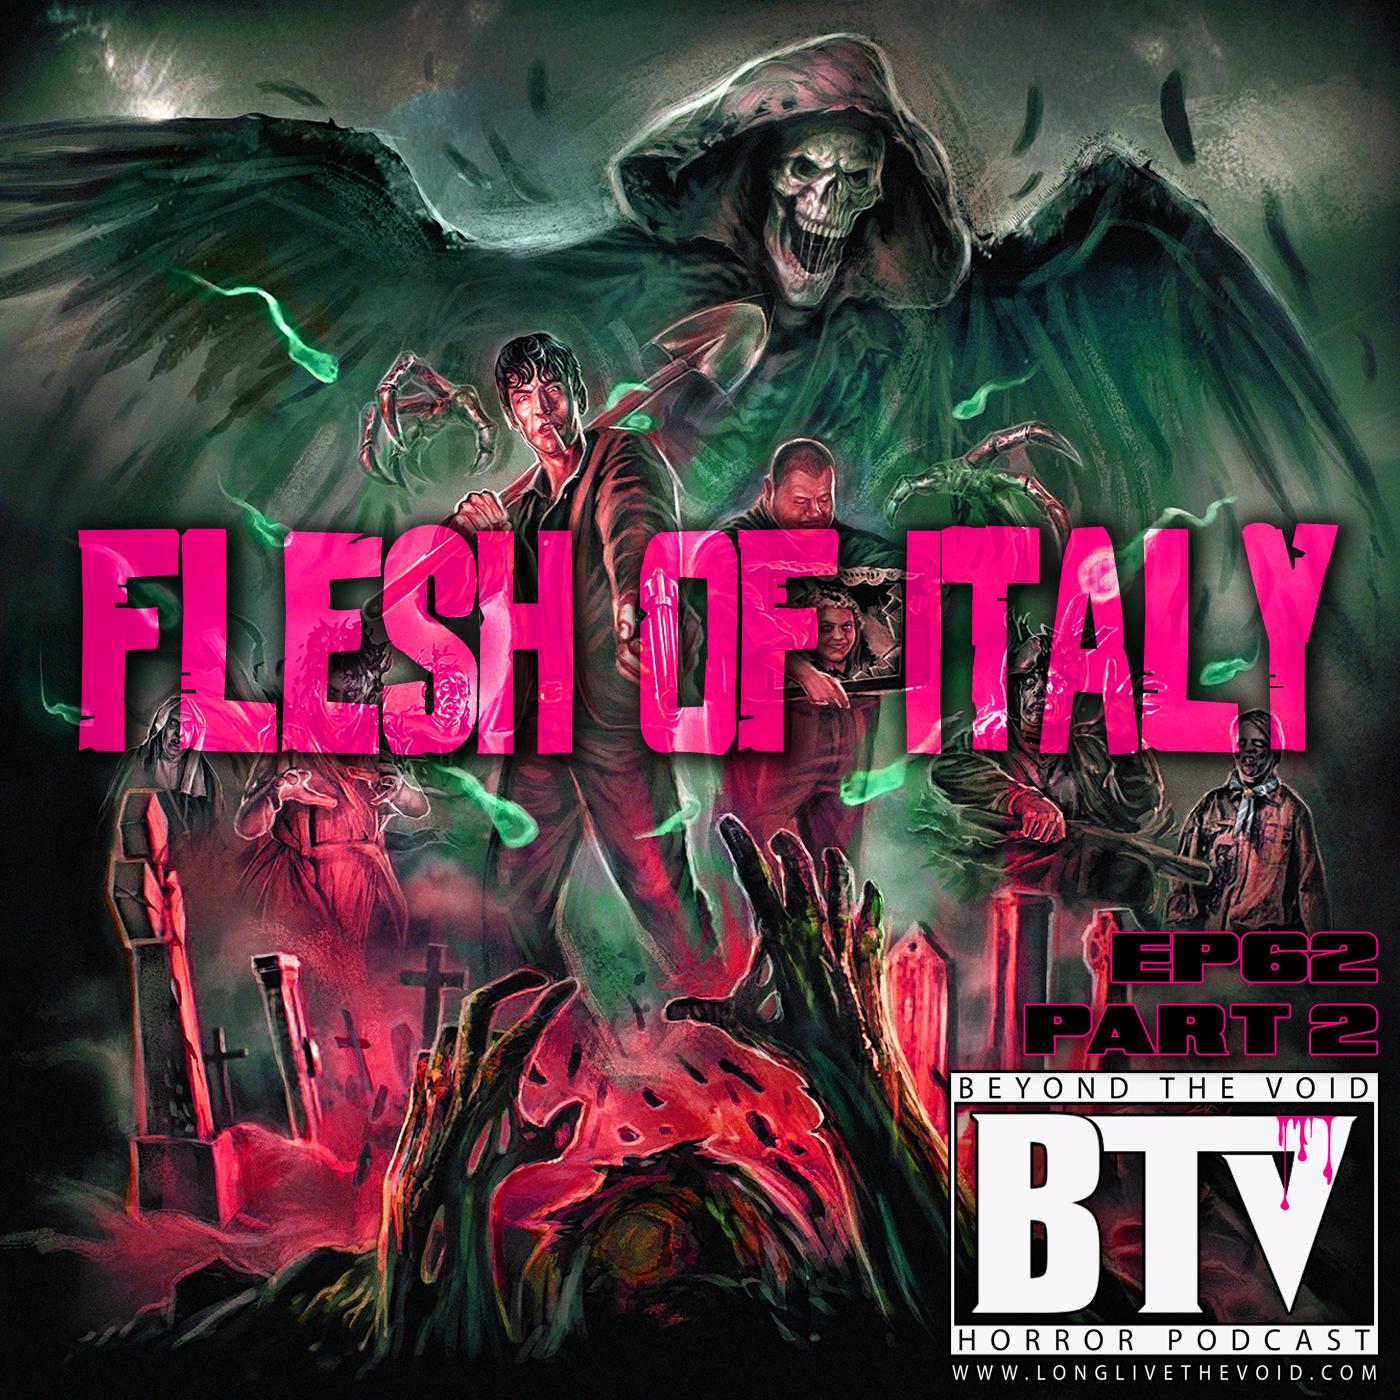 Flesh-Of-Italy-14x14co.jpg